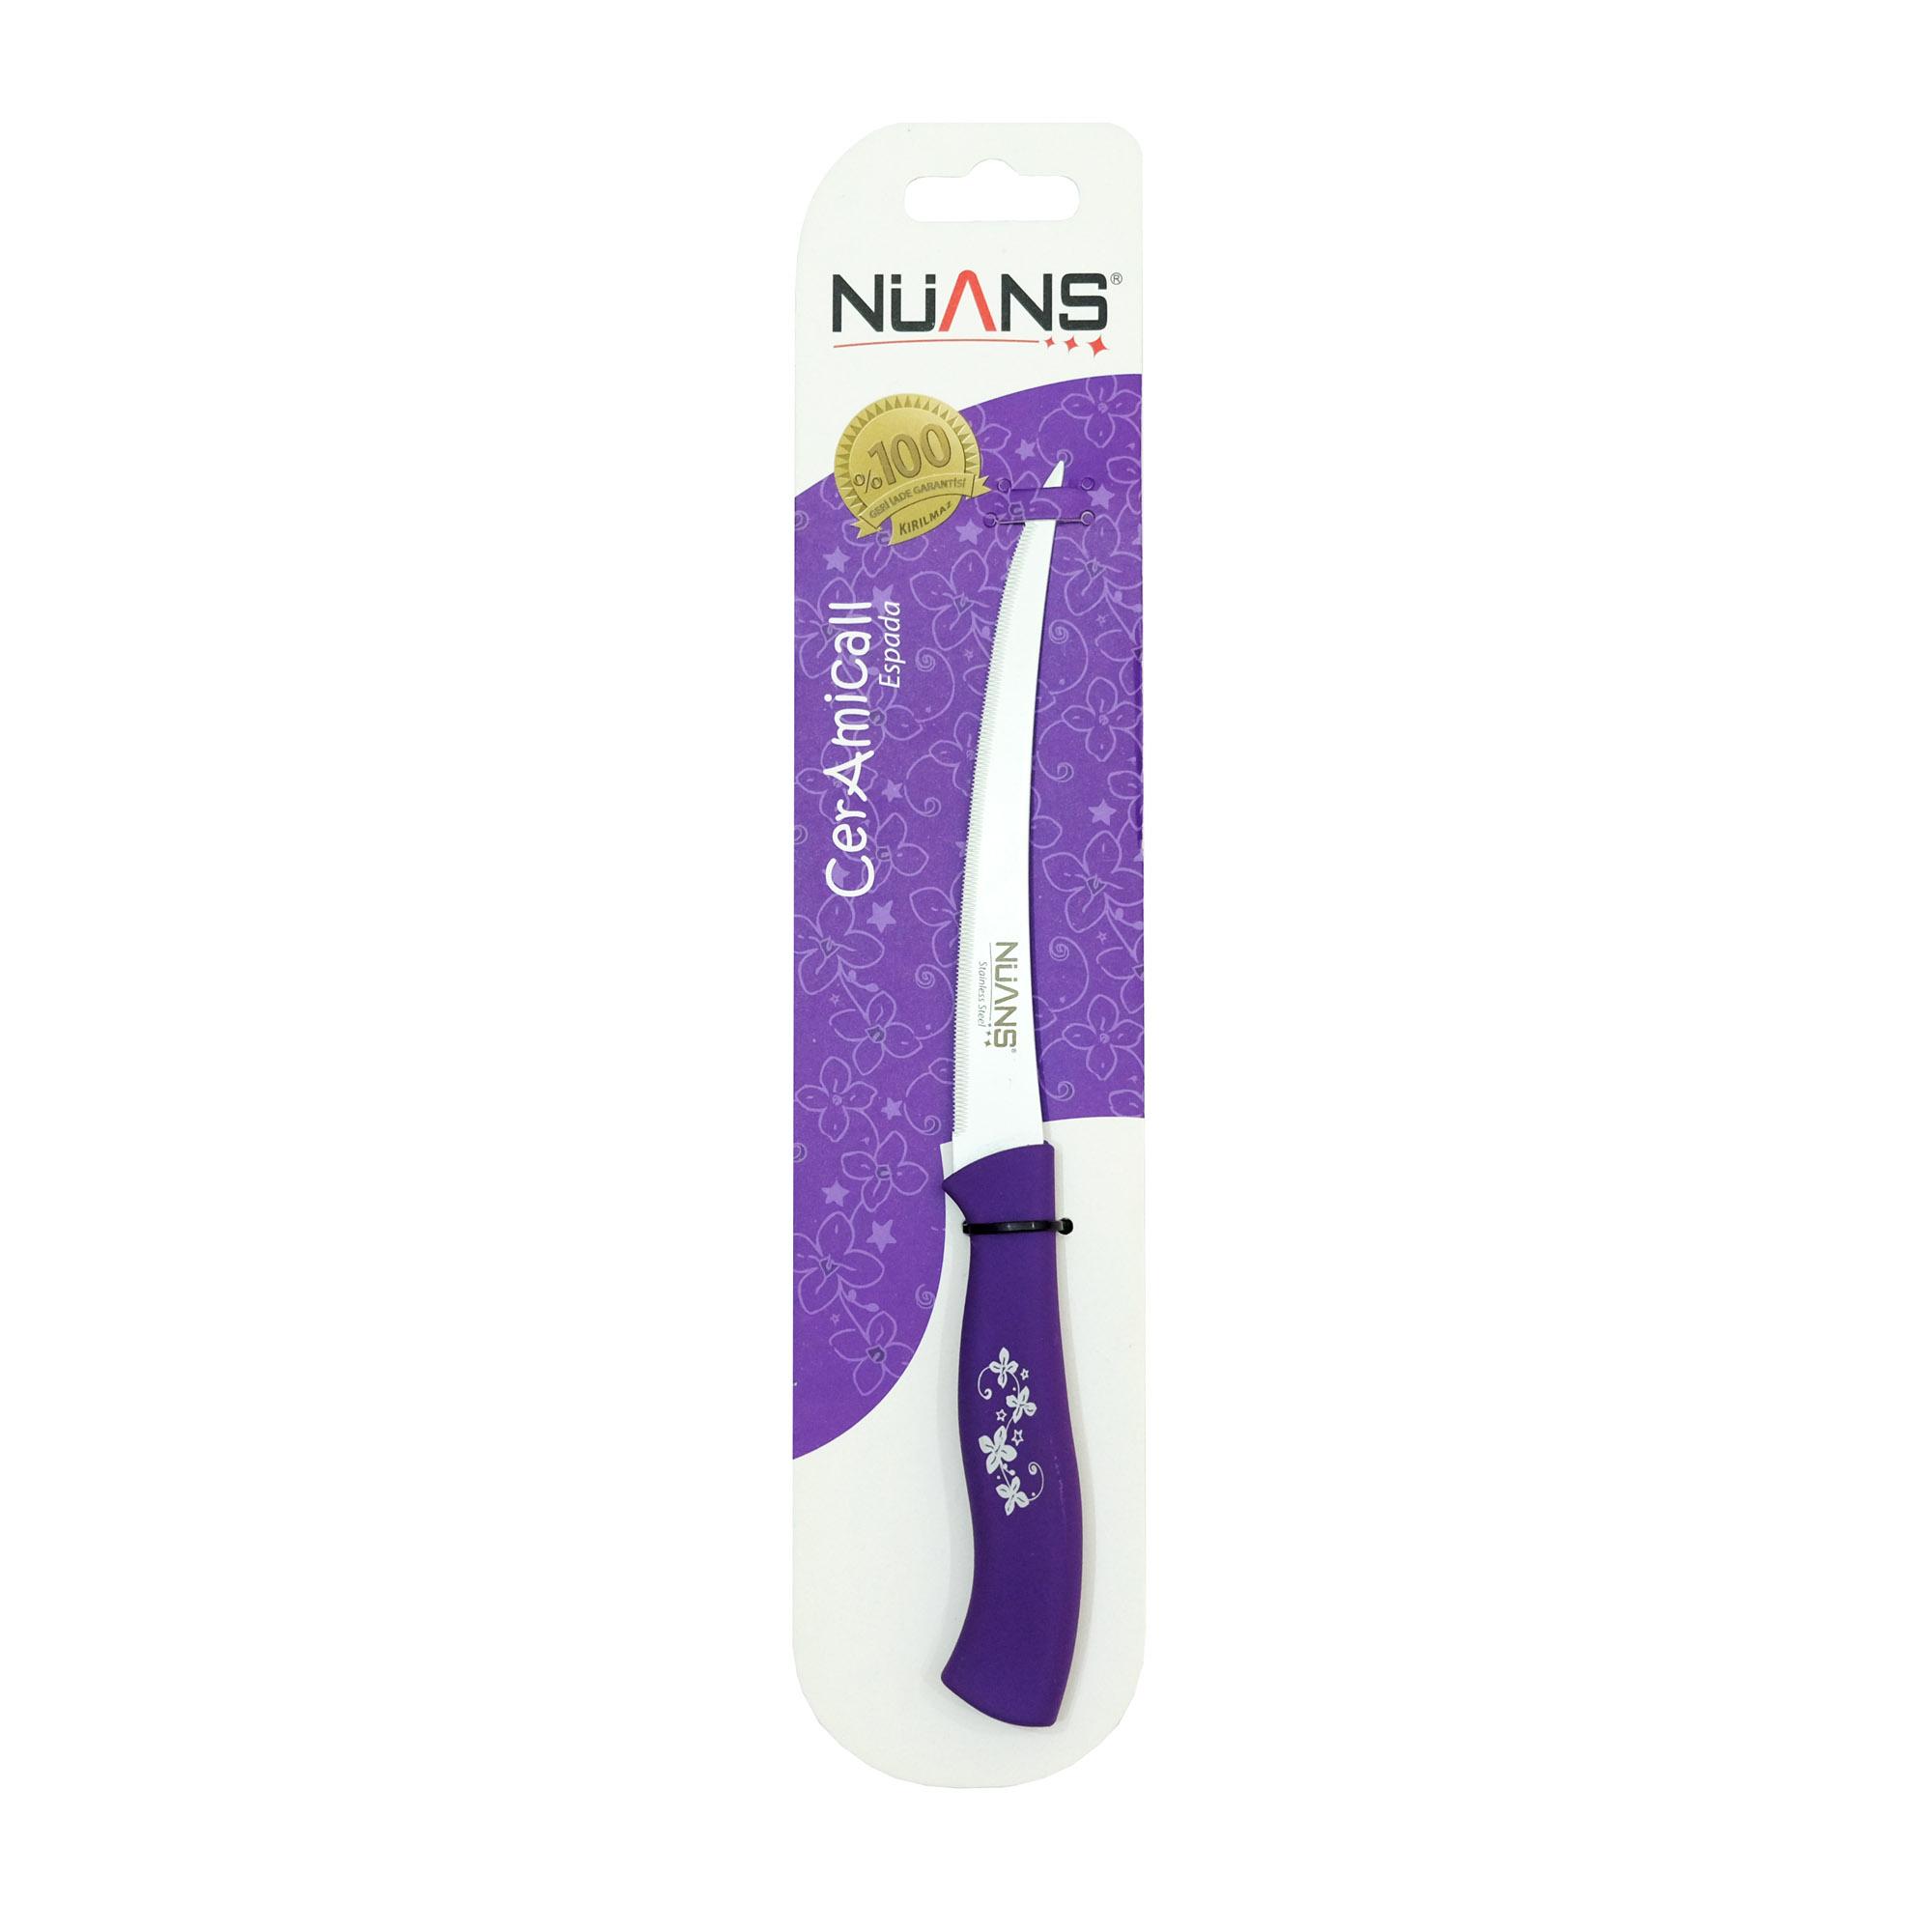 چاقوی آشپزخانه نوانس کد PRL-23.5